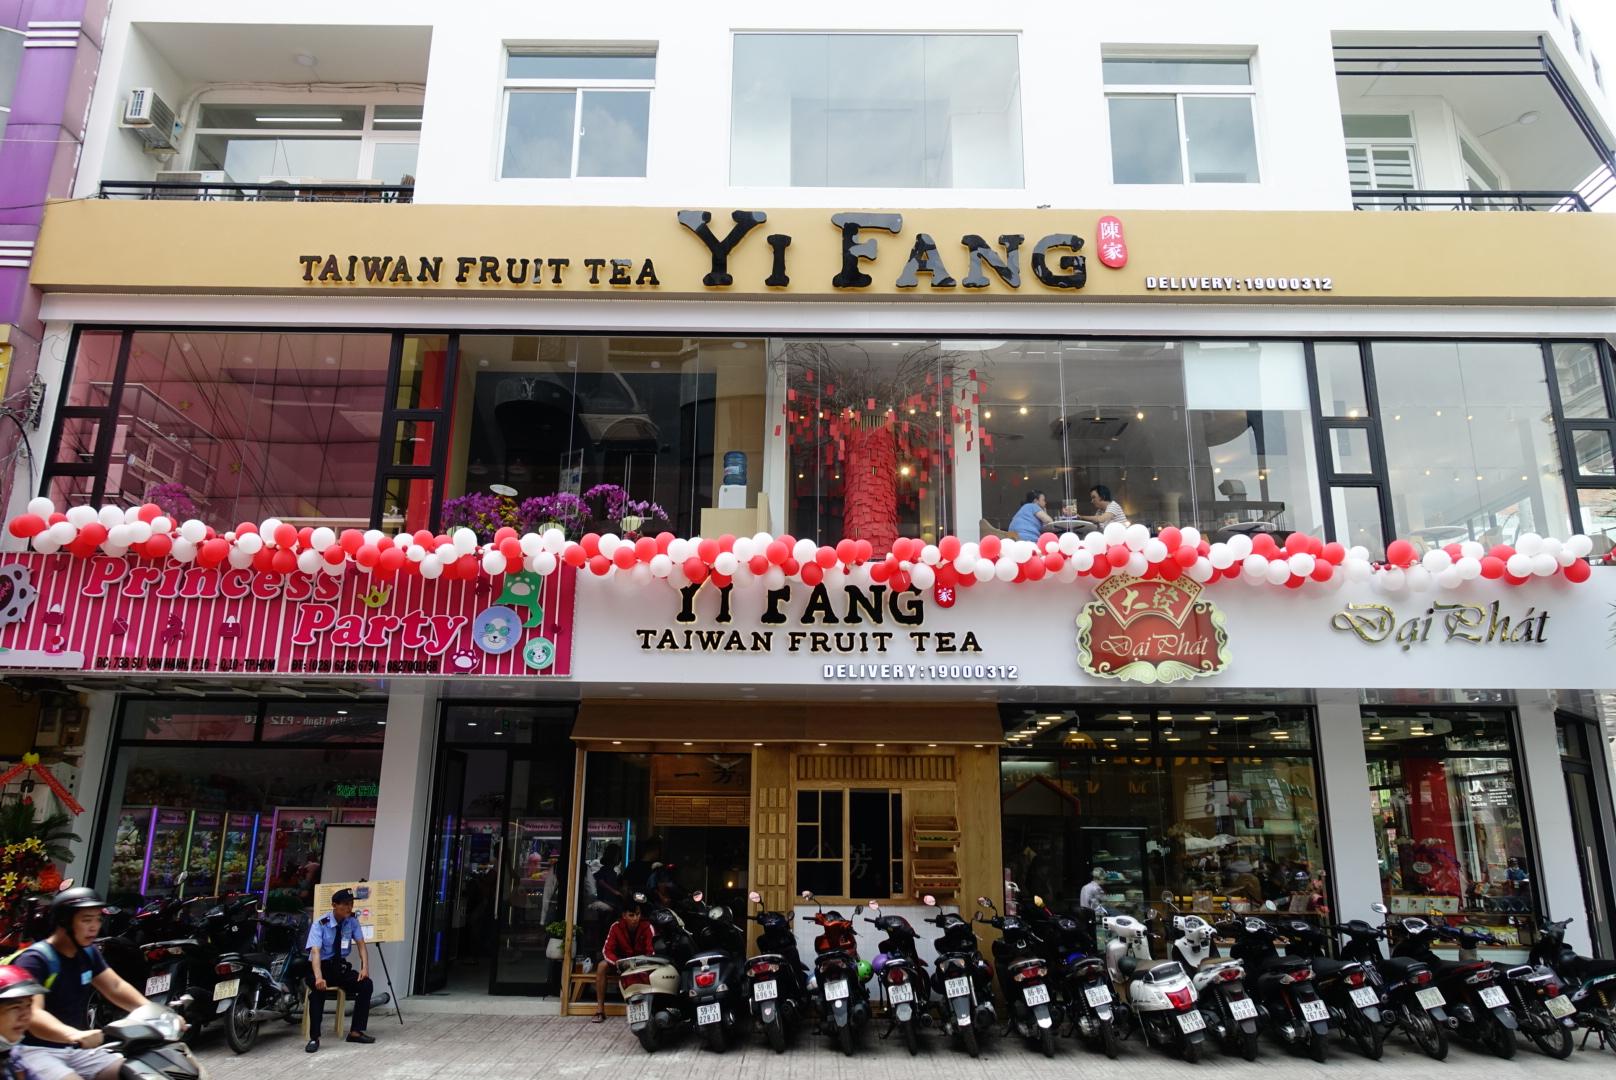 大發食品聯合台灣品牌,在胡志明市創新合作,發揮1+1> 2效應